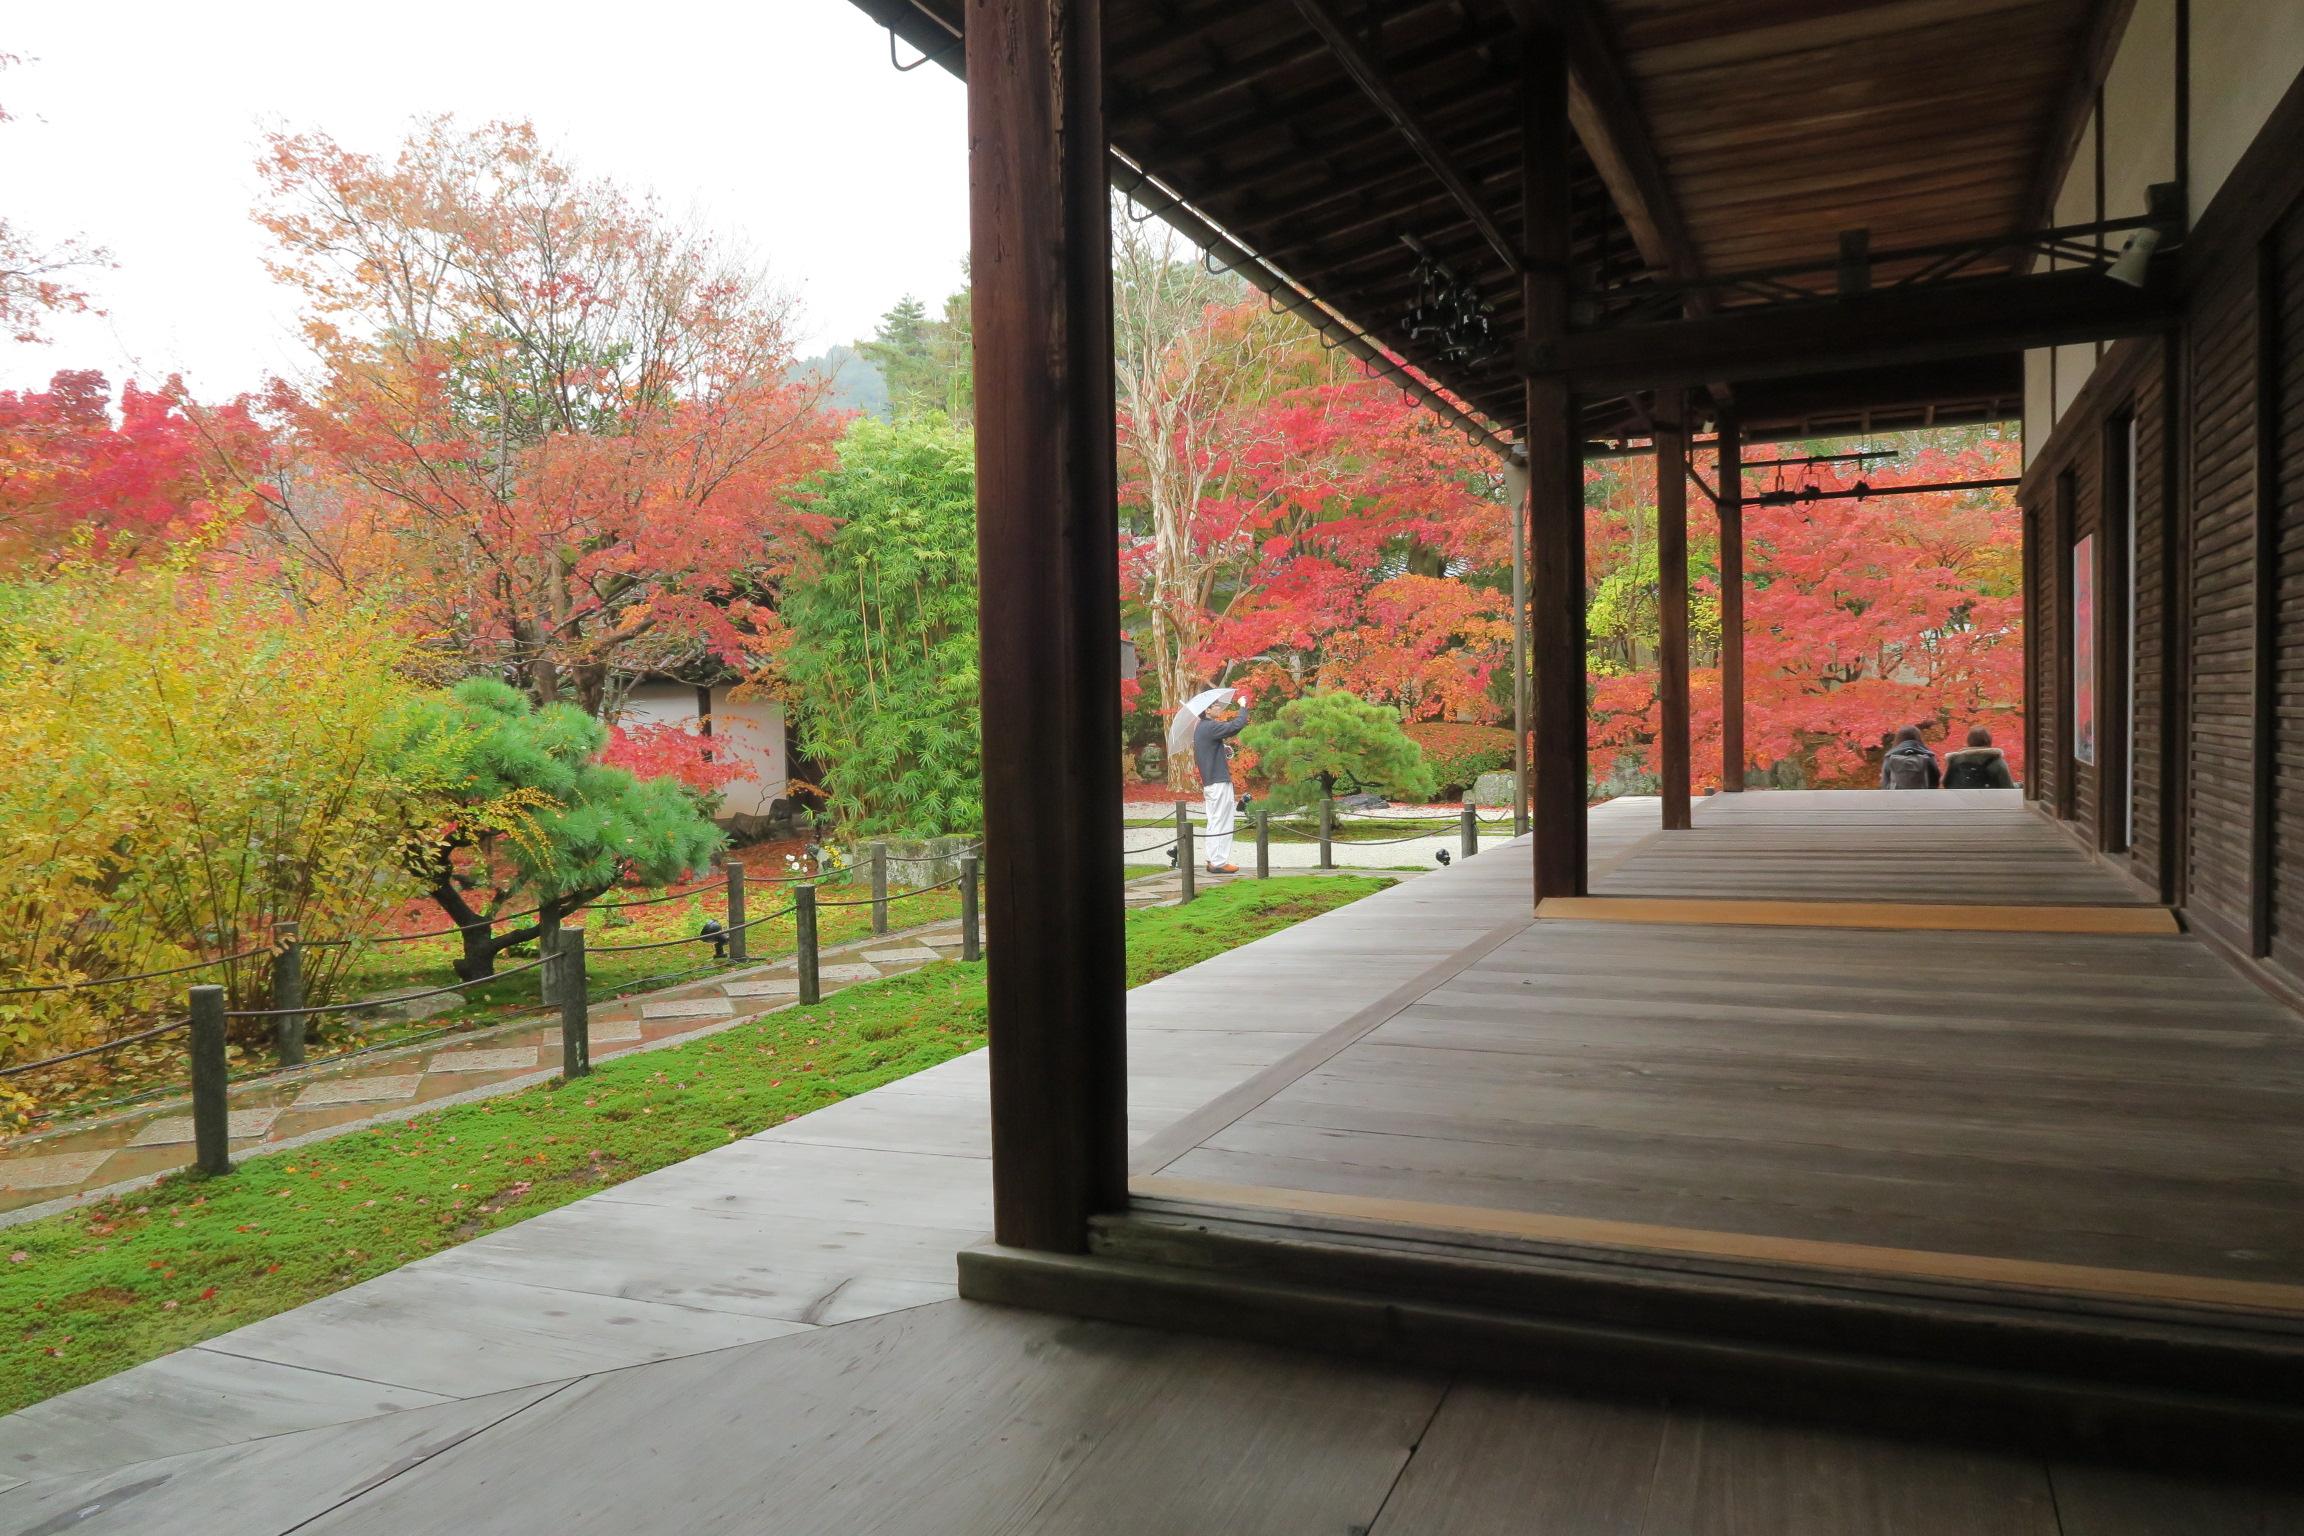 枯山水の庭と見事な紅葉が見えてきました。